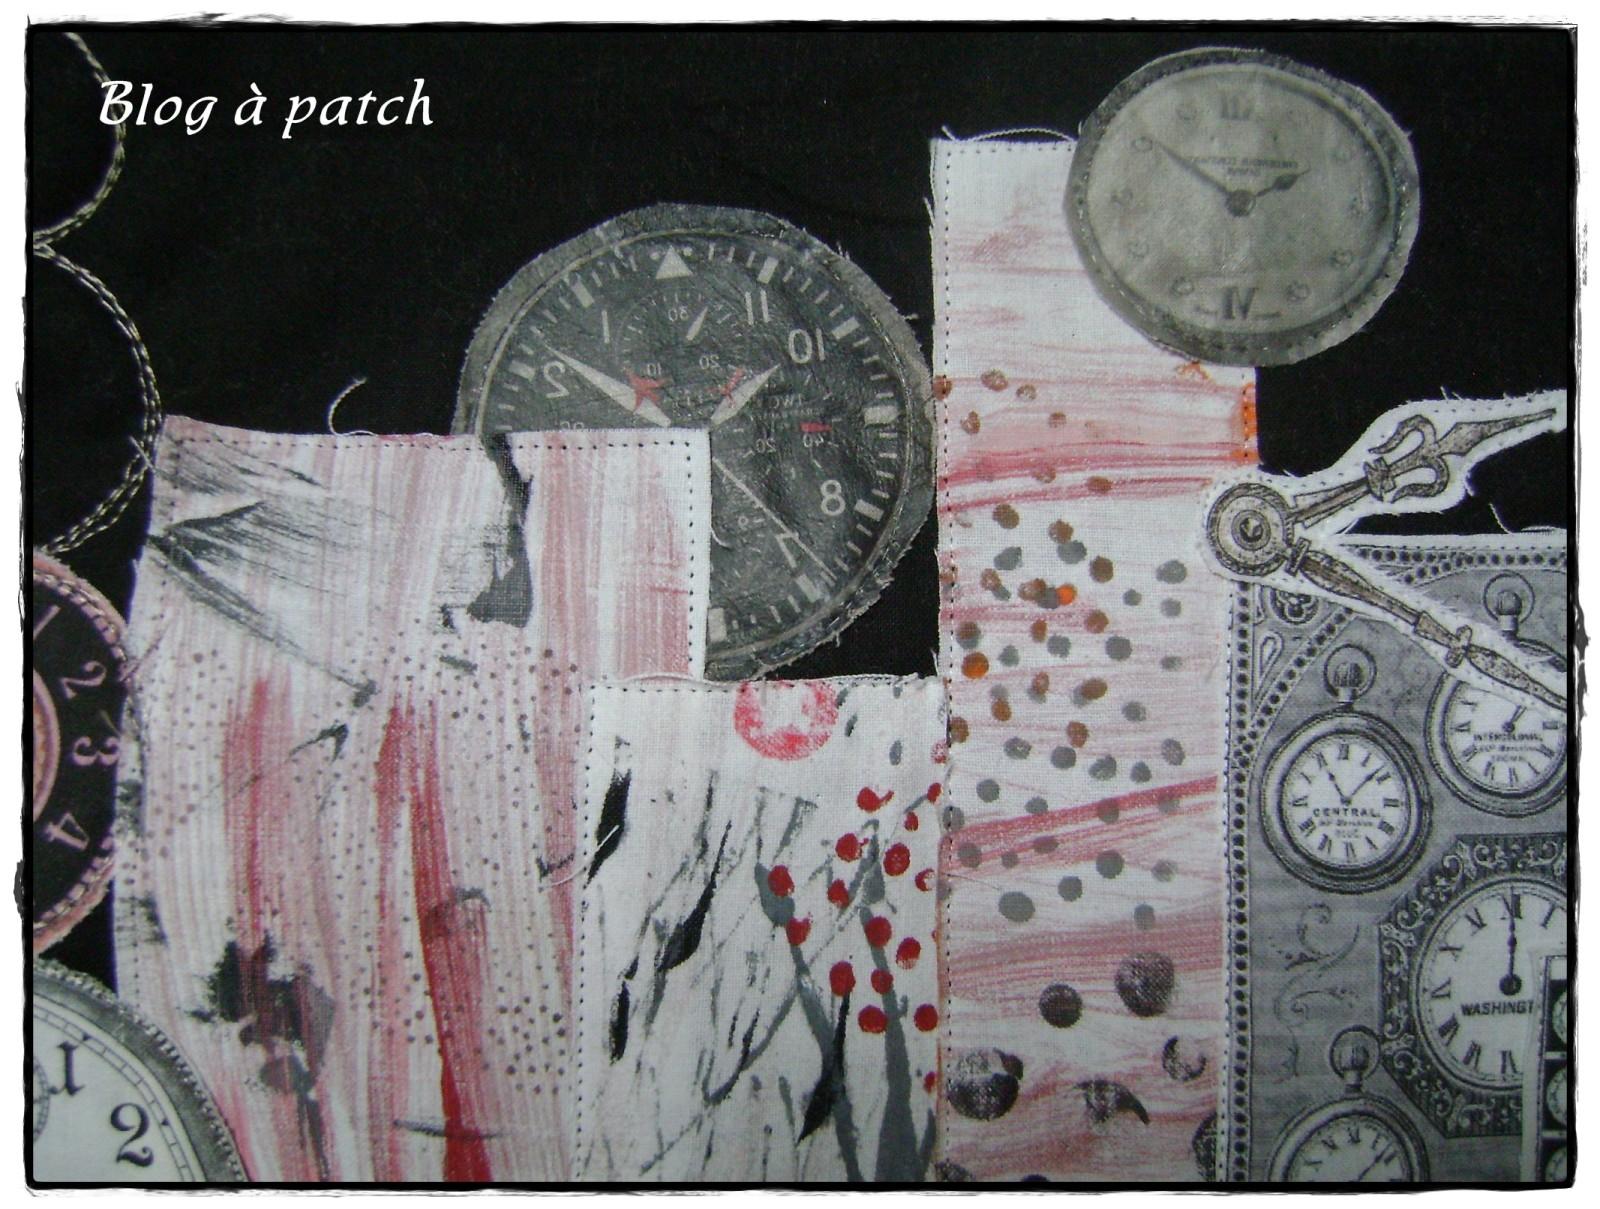 Les transferts sur tissu diff rentes m thodes le blog de patchacha - Imprimer photo sur tissu ...